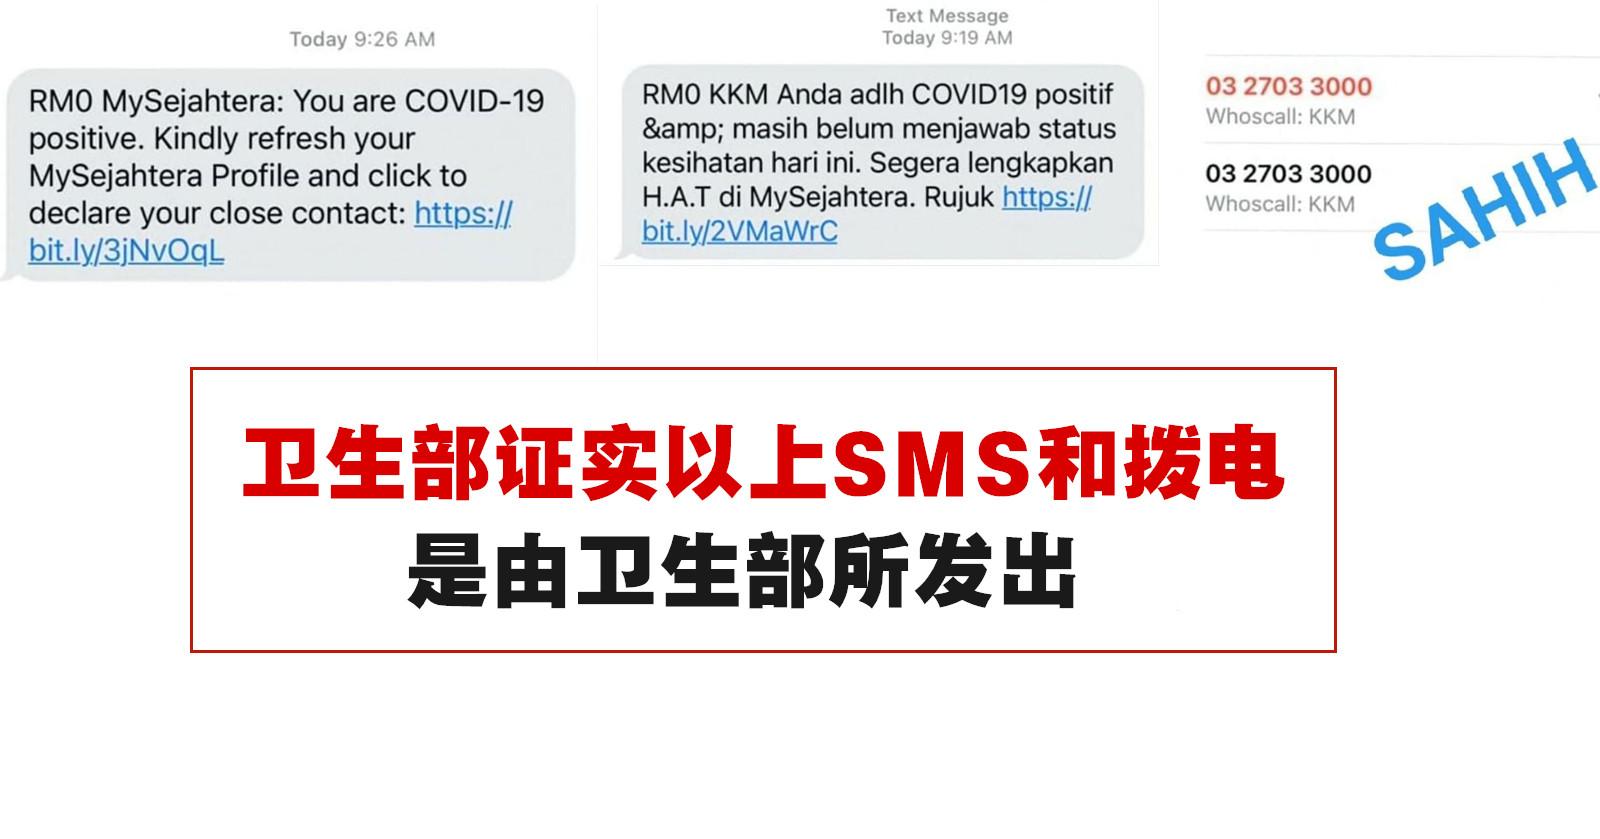 卫生部证实发出SMS和拨电给确诊者